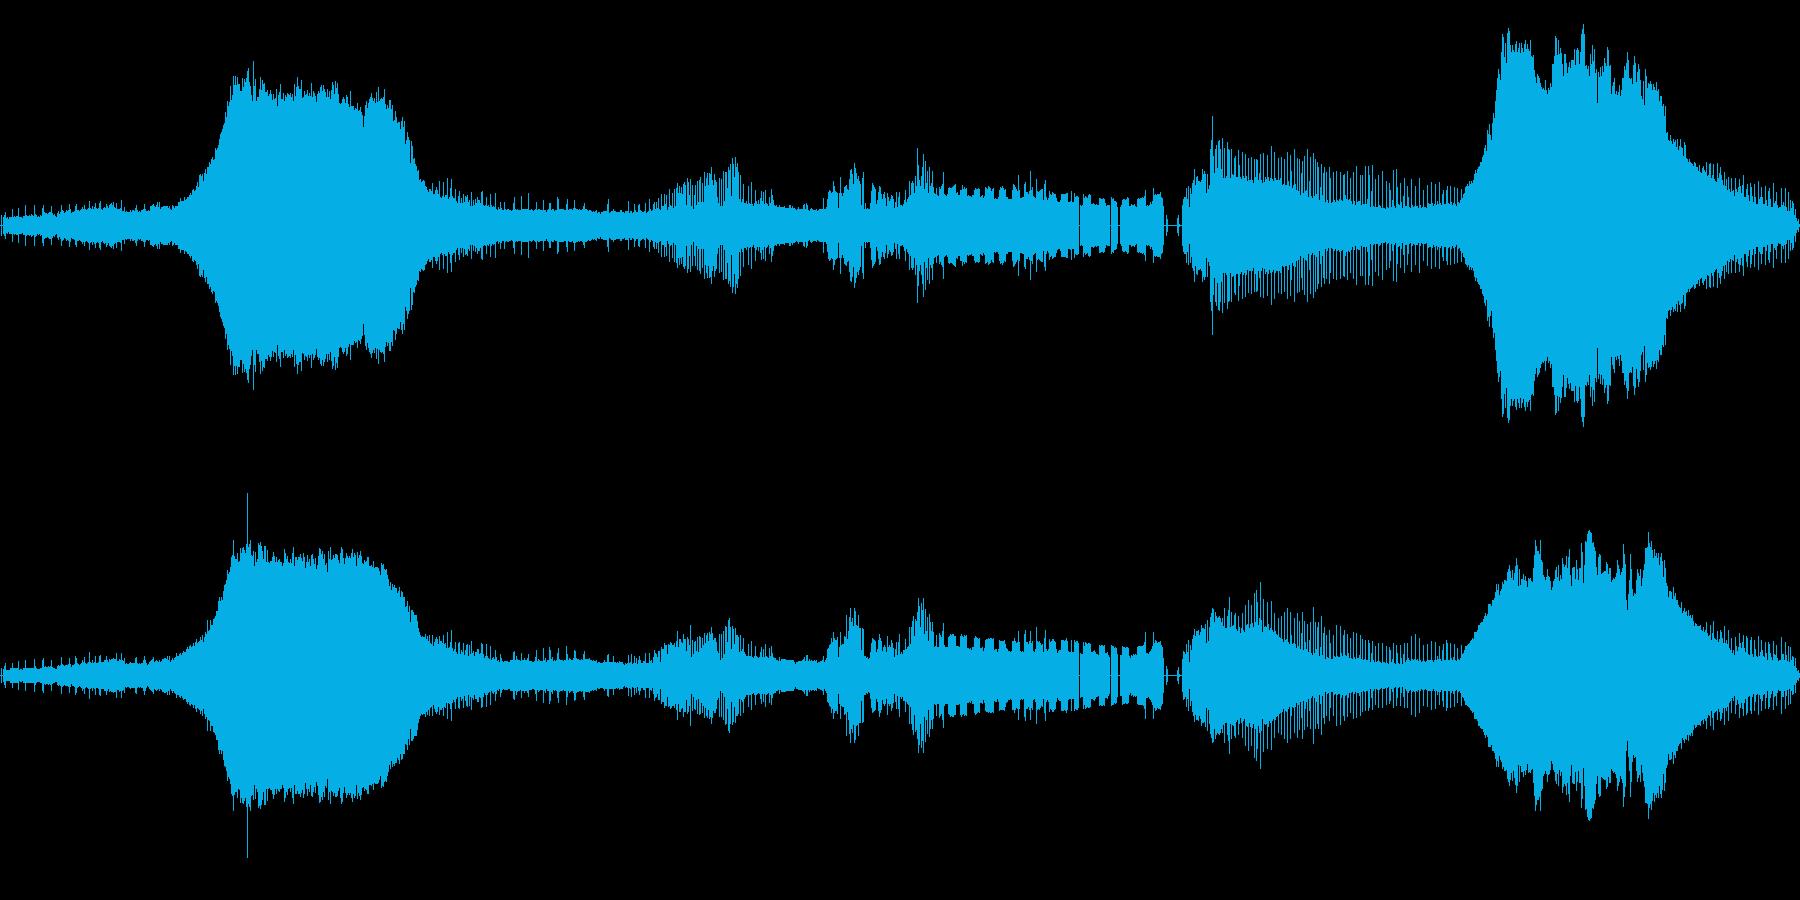 【夏】数匹のアブラゼミ(ジージー)の再生済みの波形